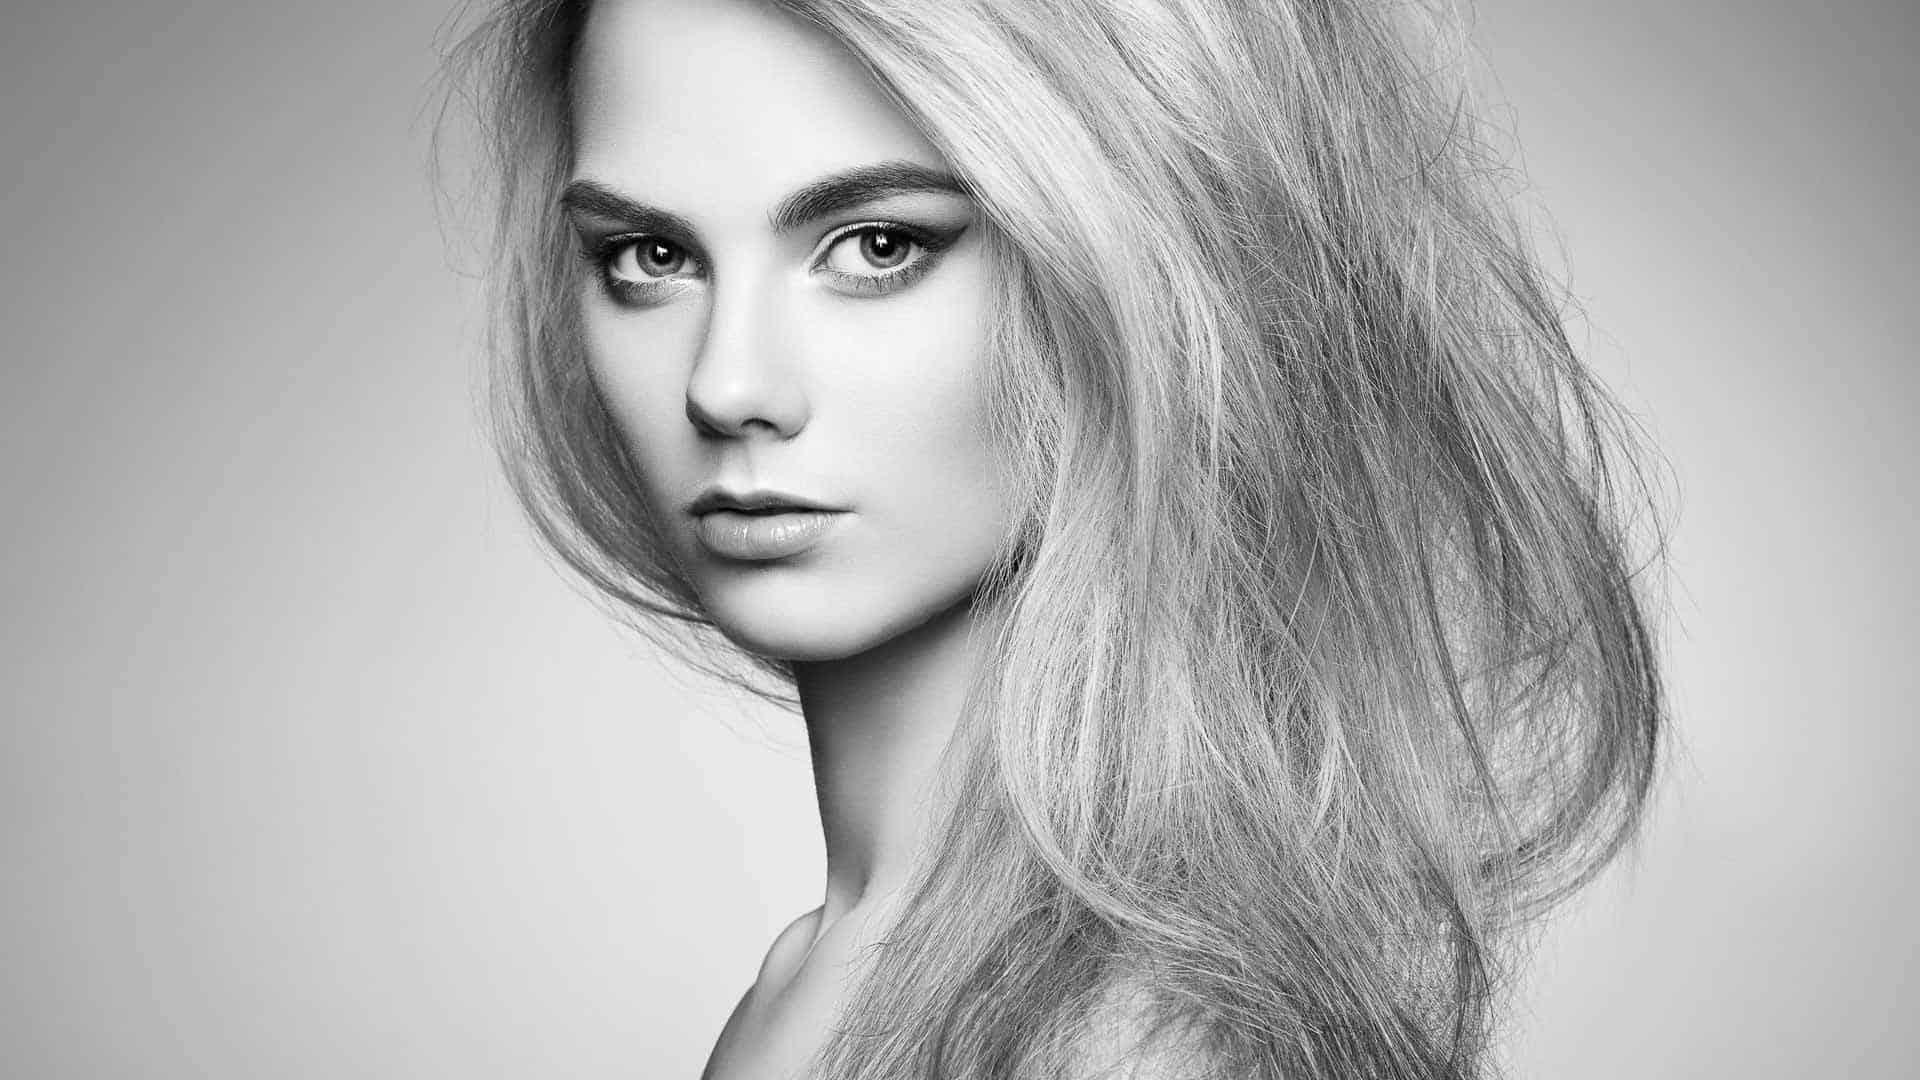 trait d'eyeliner parfait, eyes liner, eye liner, comment tracer son eyeliner, eyeliner crayon gras, eyeliner feutre, eyeliner liquide, eyeliner gel